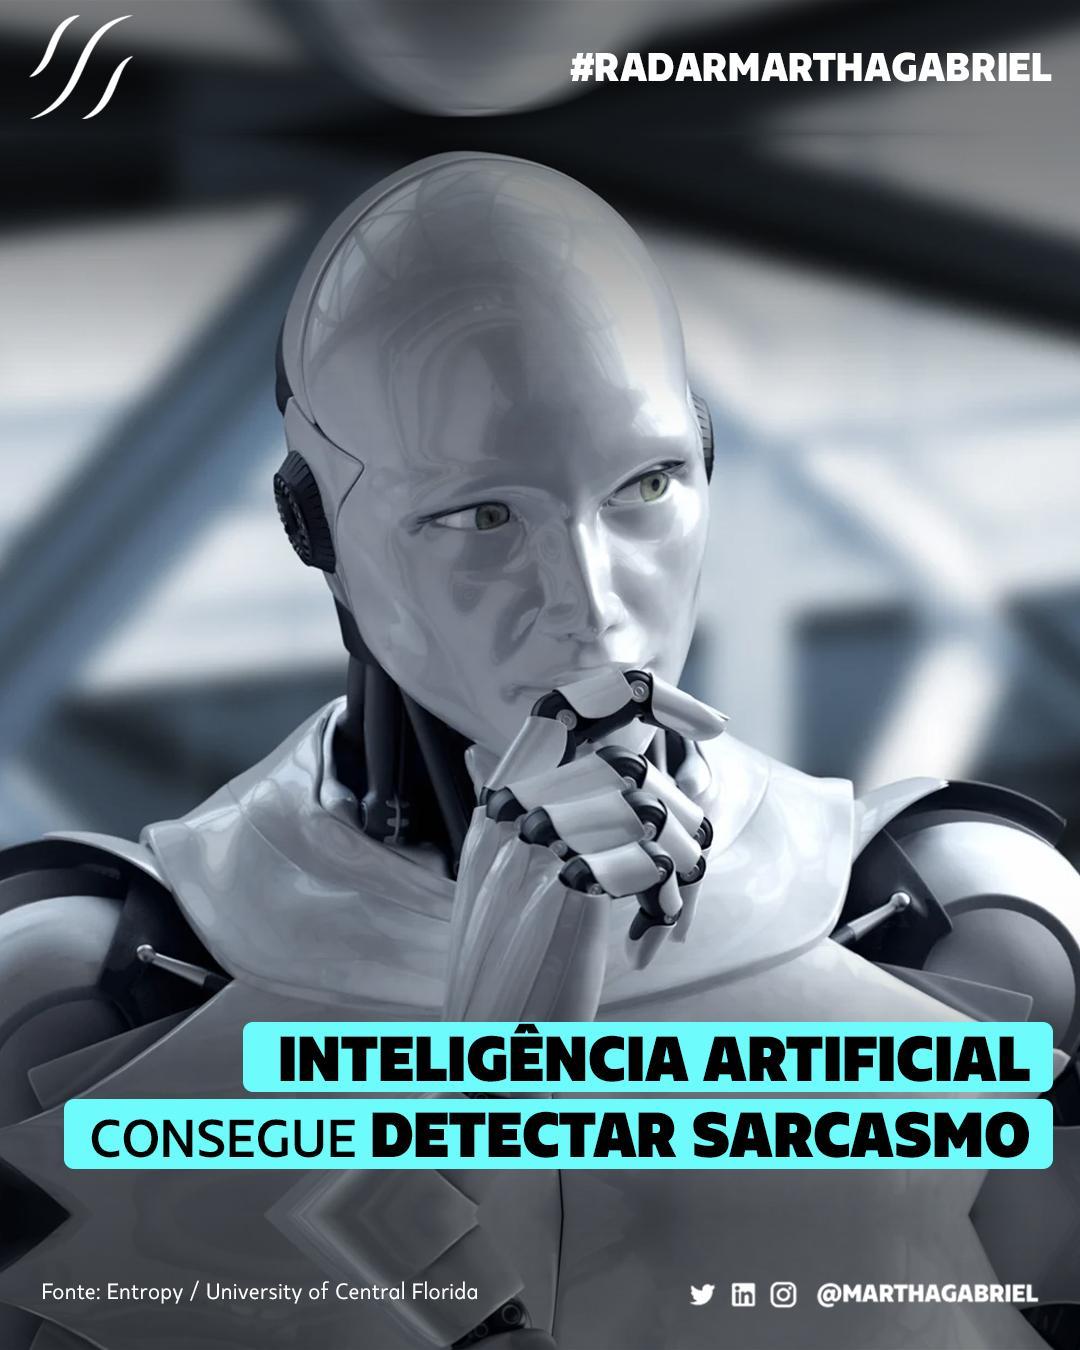 Inteligência Artificial consegue detectar sarcasmo